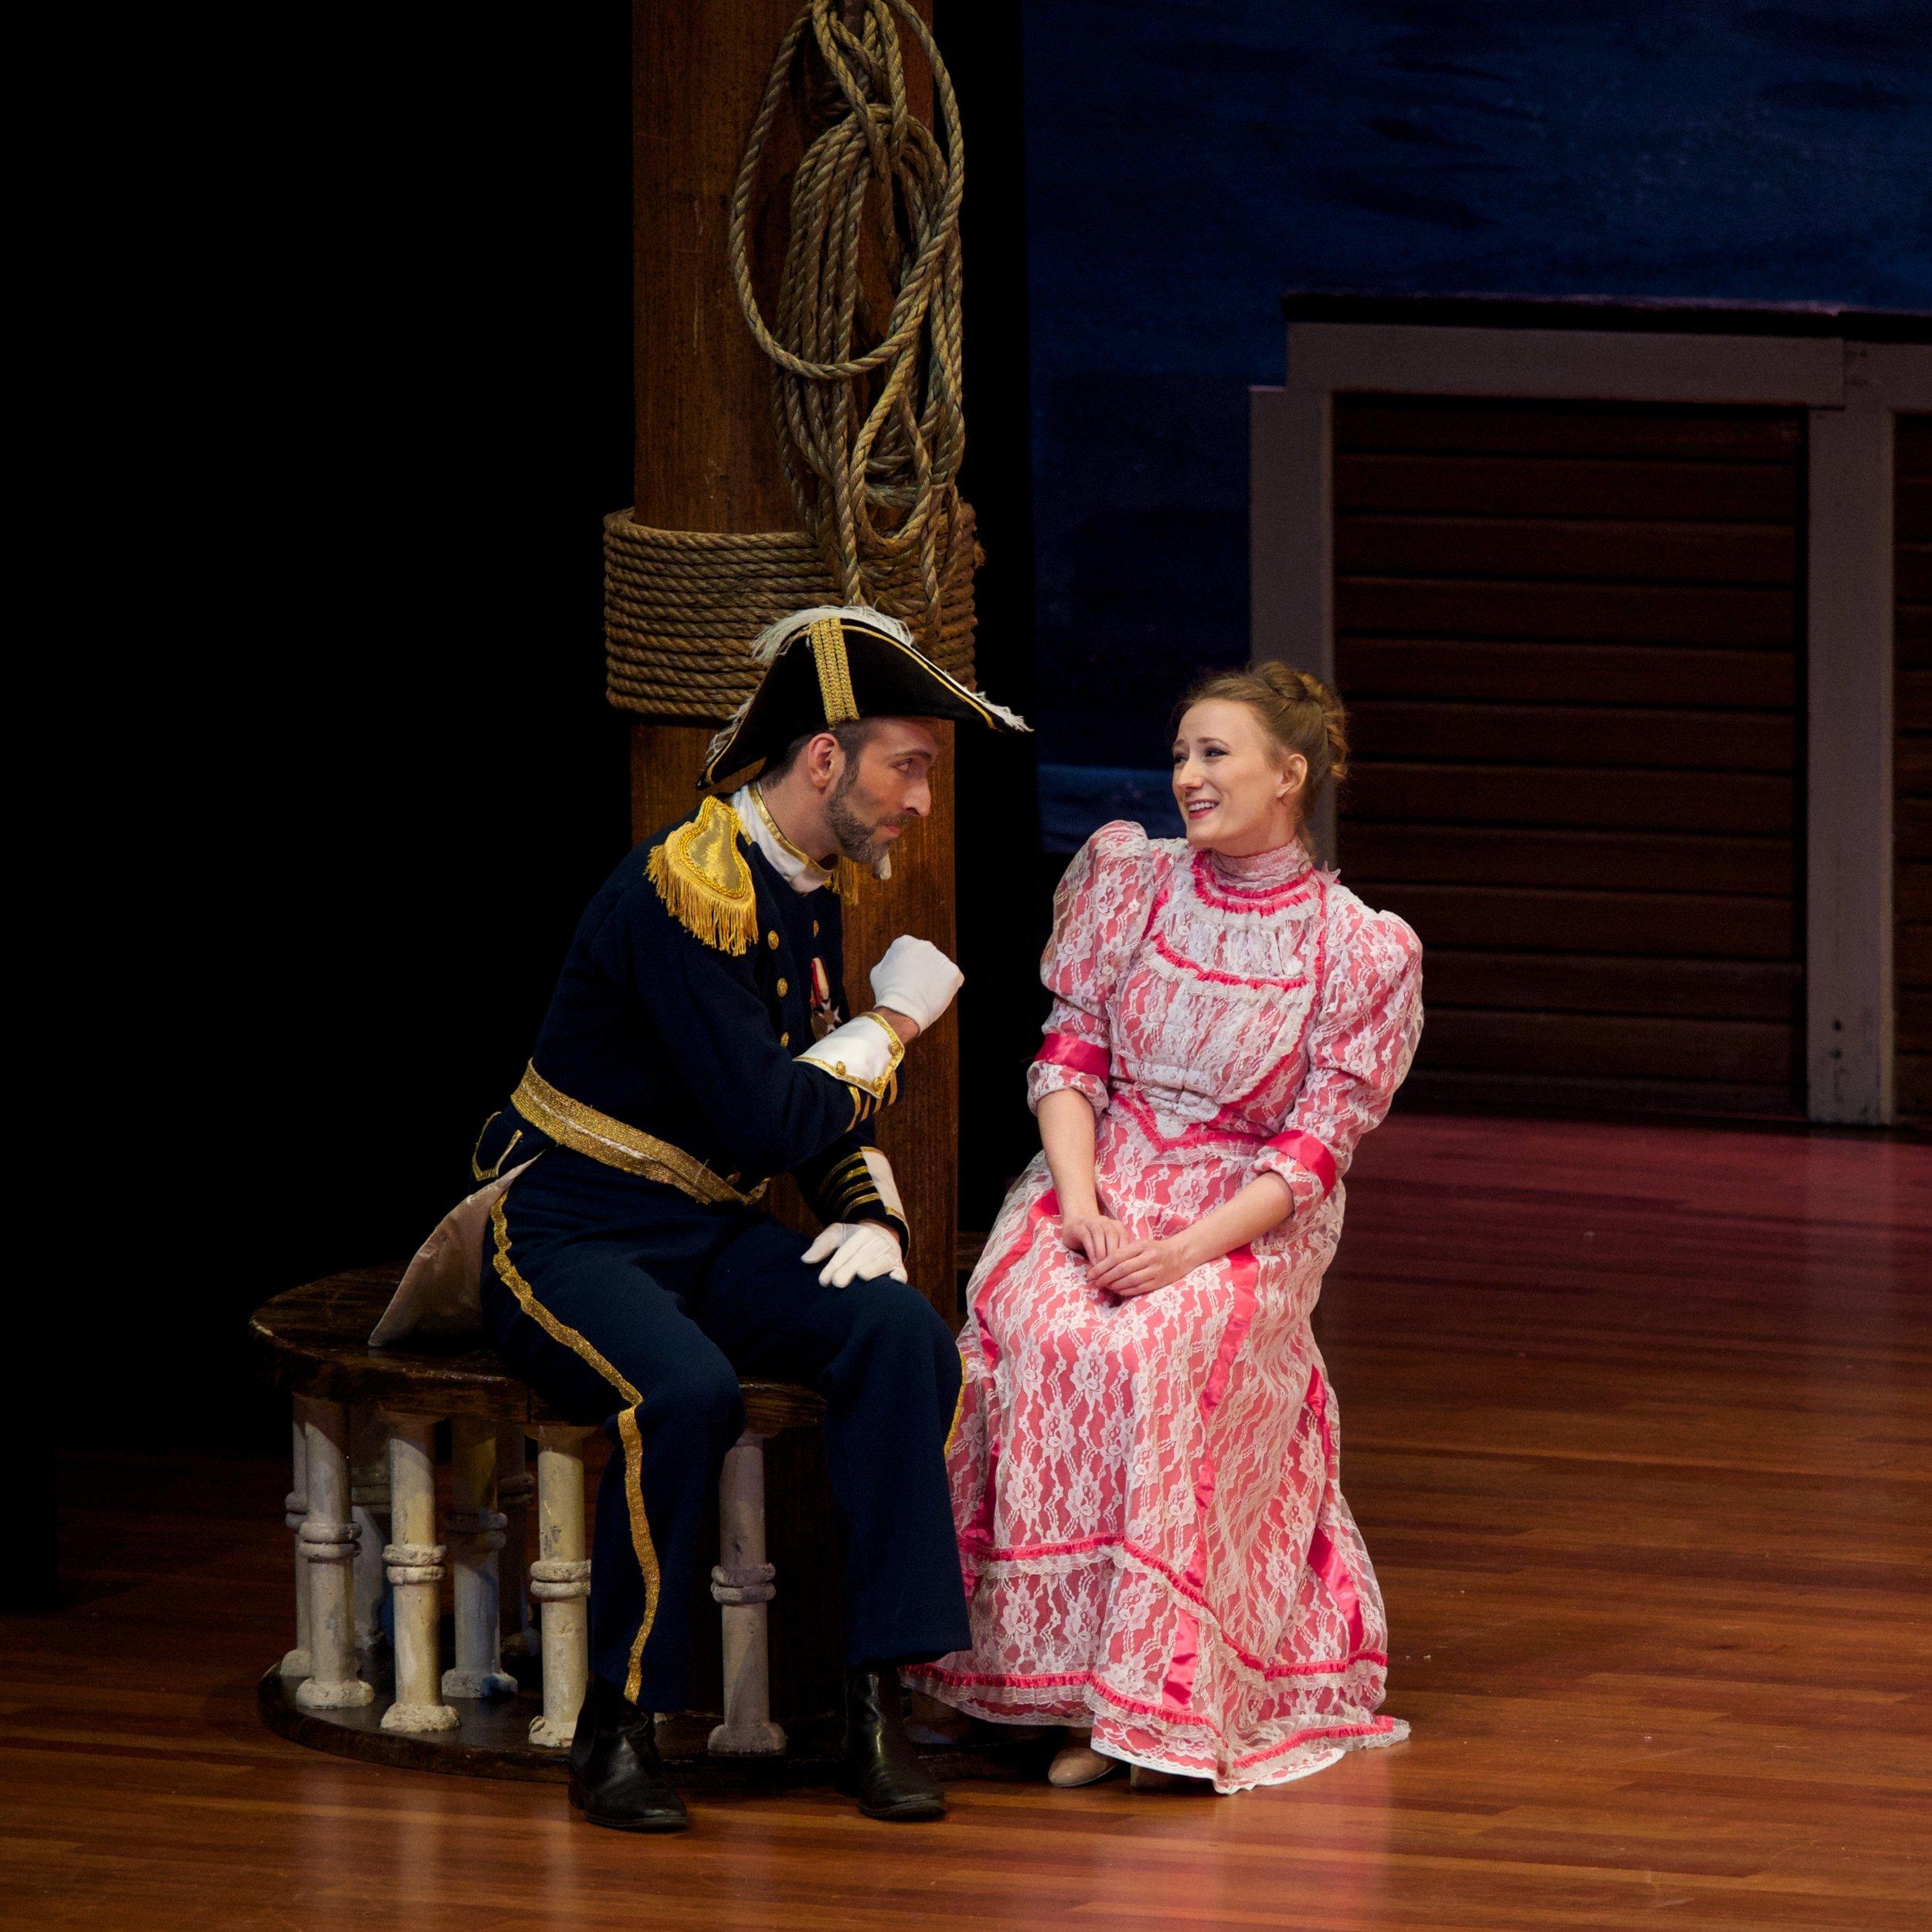 David Auxier as Capitan Corcoran & Kate Bass as Josephine